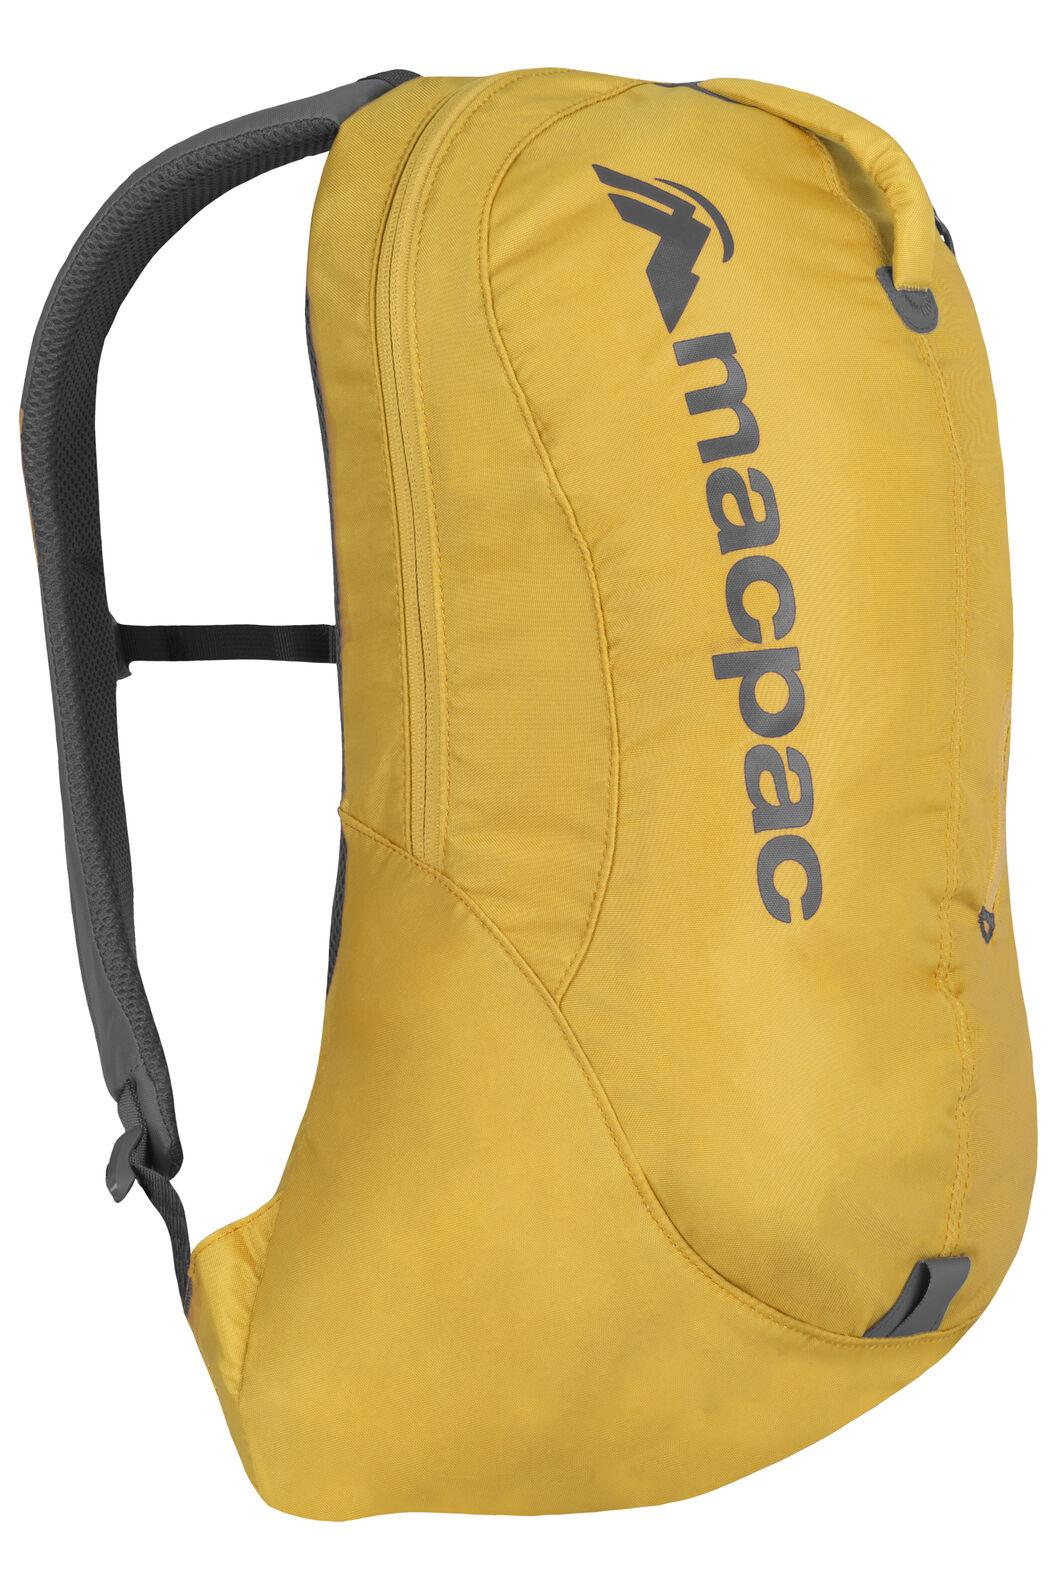 Kahuna 1.1 18L Backpack, Lemon Curry, hi-res